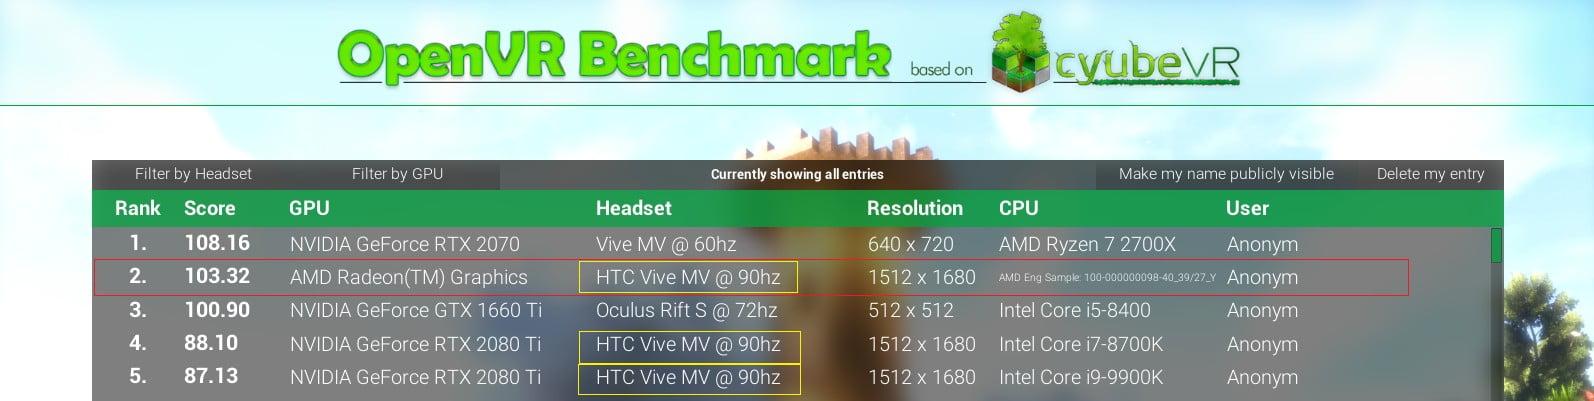 OpenVR benchmark zeigt unbekannte AMD-GPU deutlich besser als NVIDIAS RTX 2080 Ti